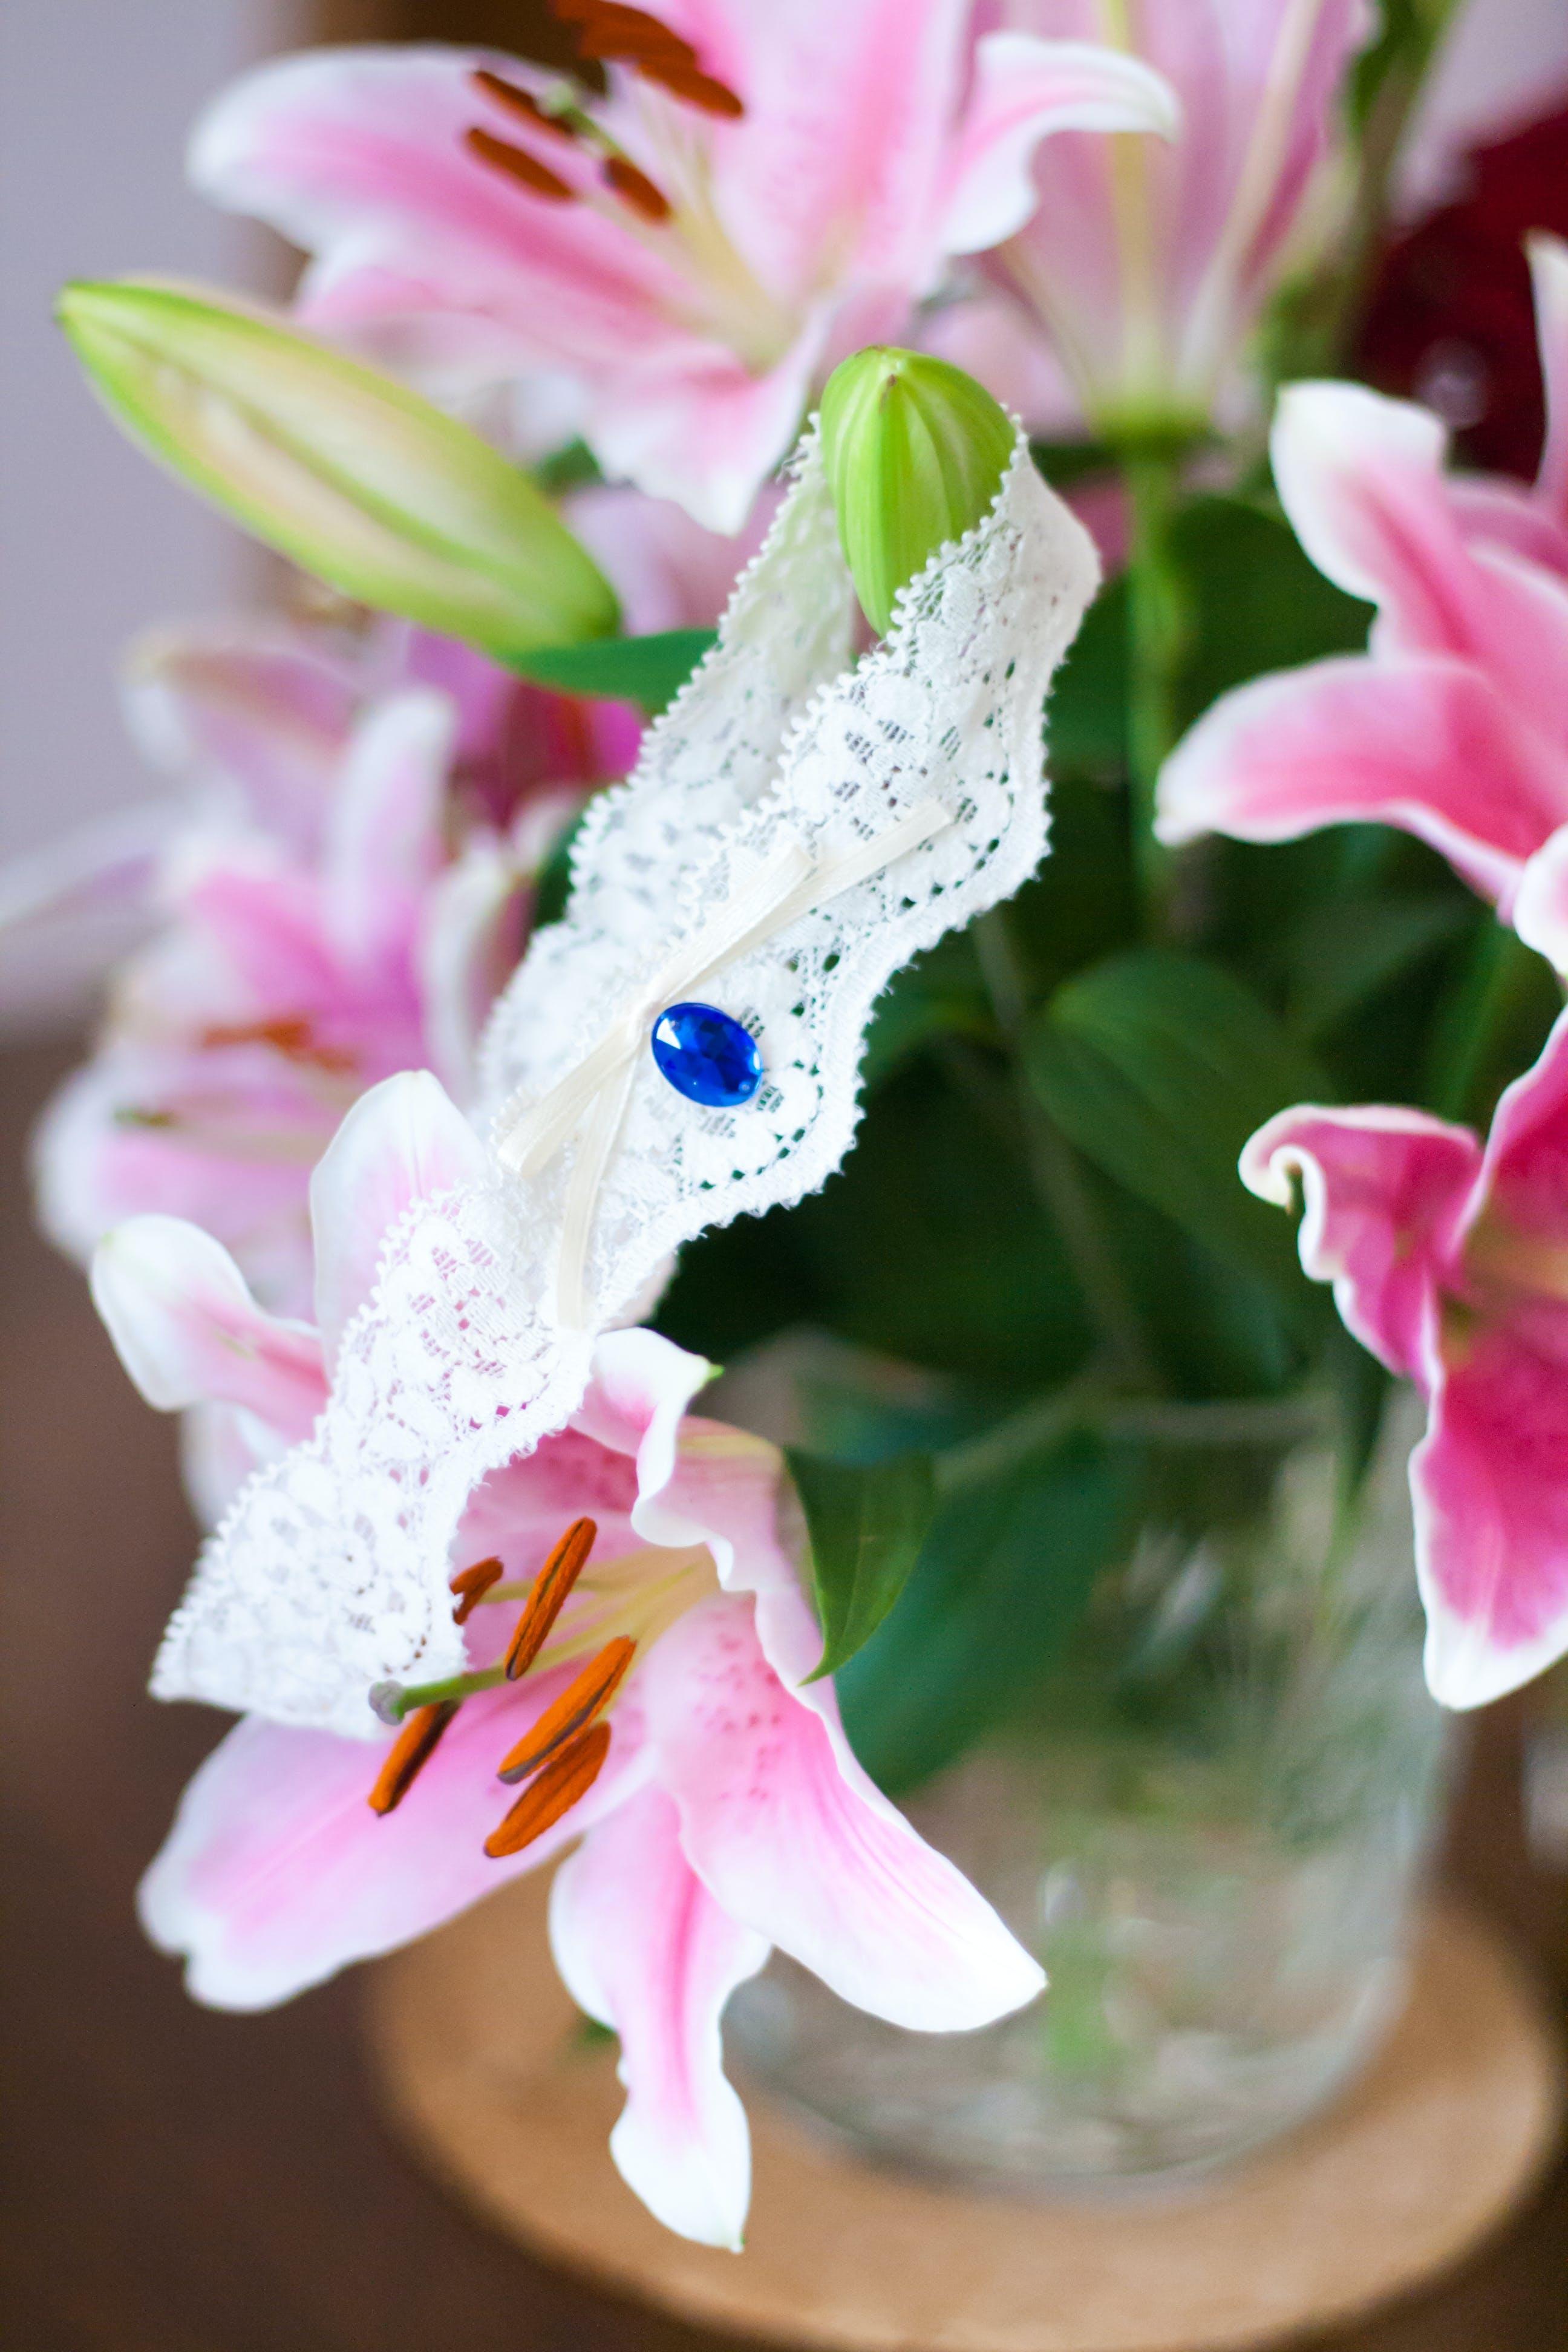 Garter on flowers